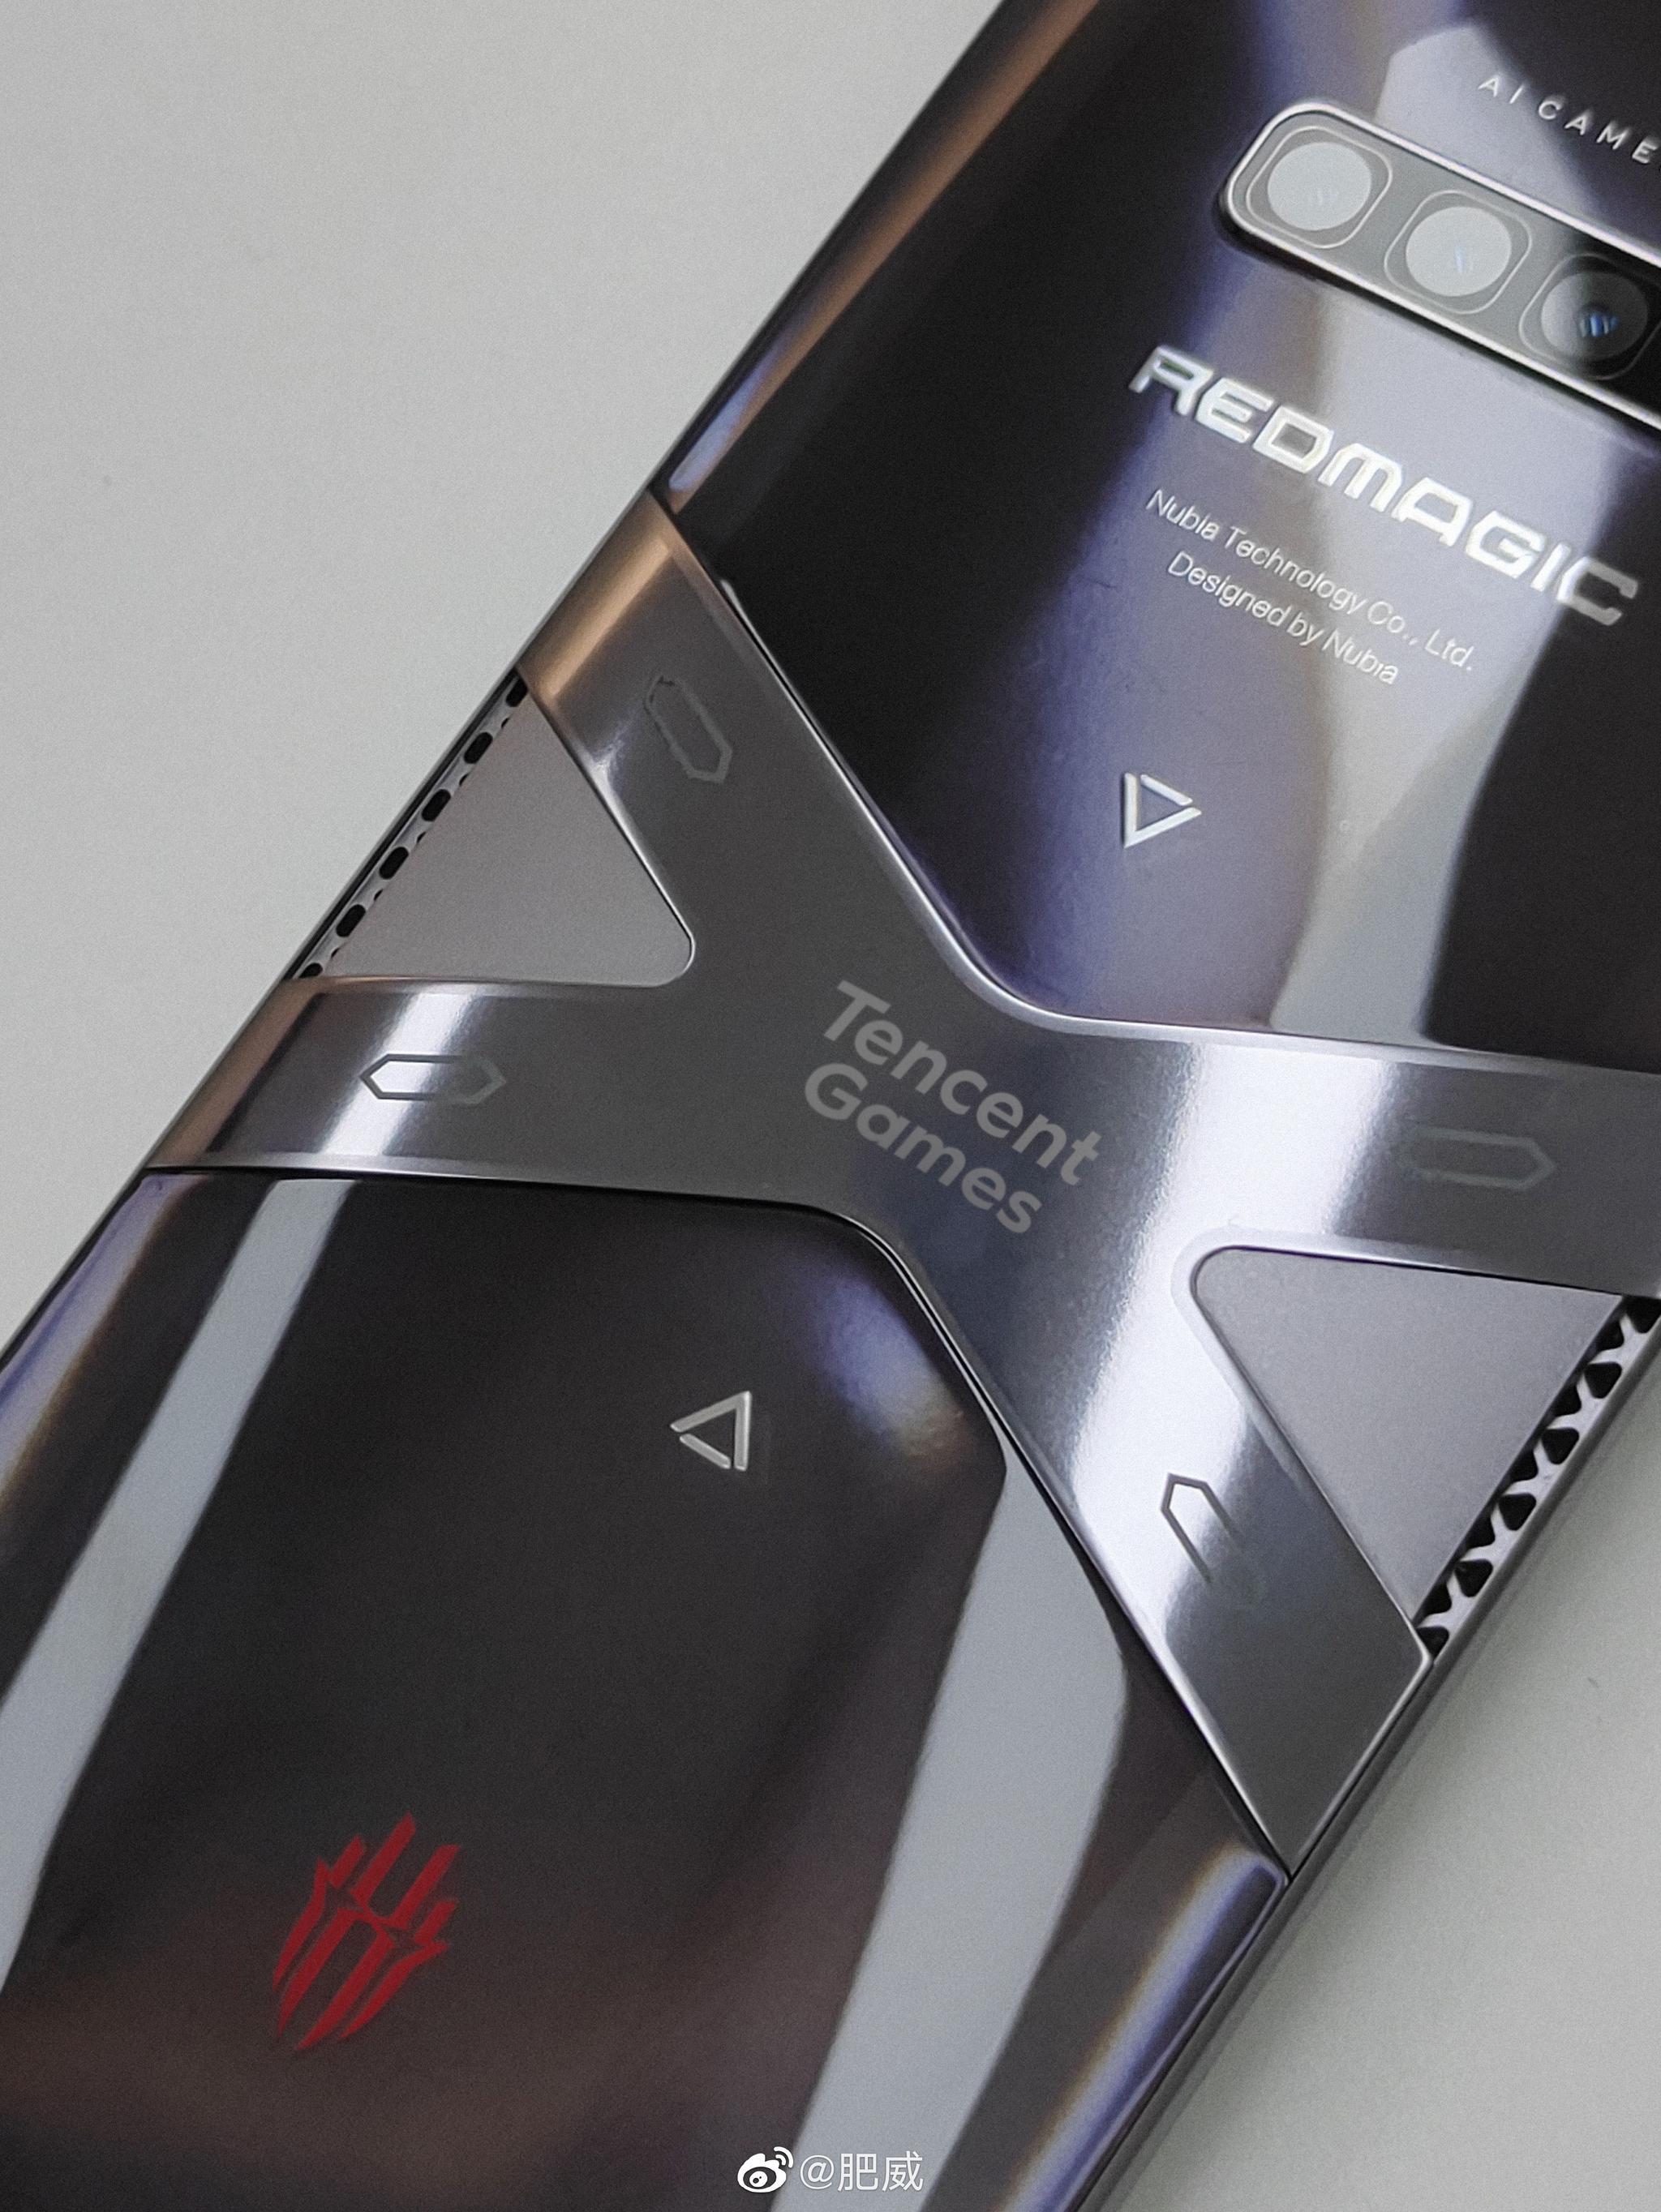 红魔 6 游戏手机真机曝光:腾讯游戏 logo 瞩目